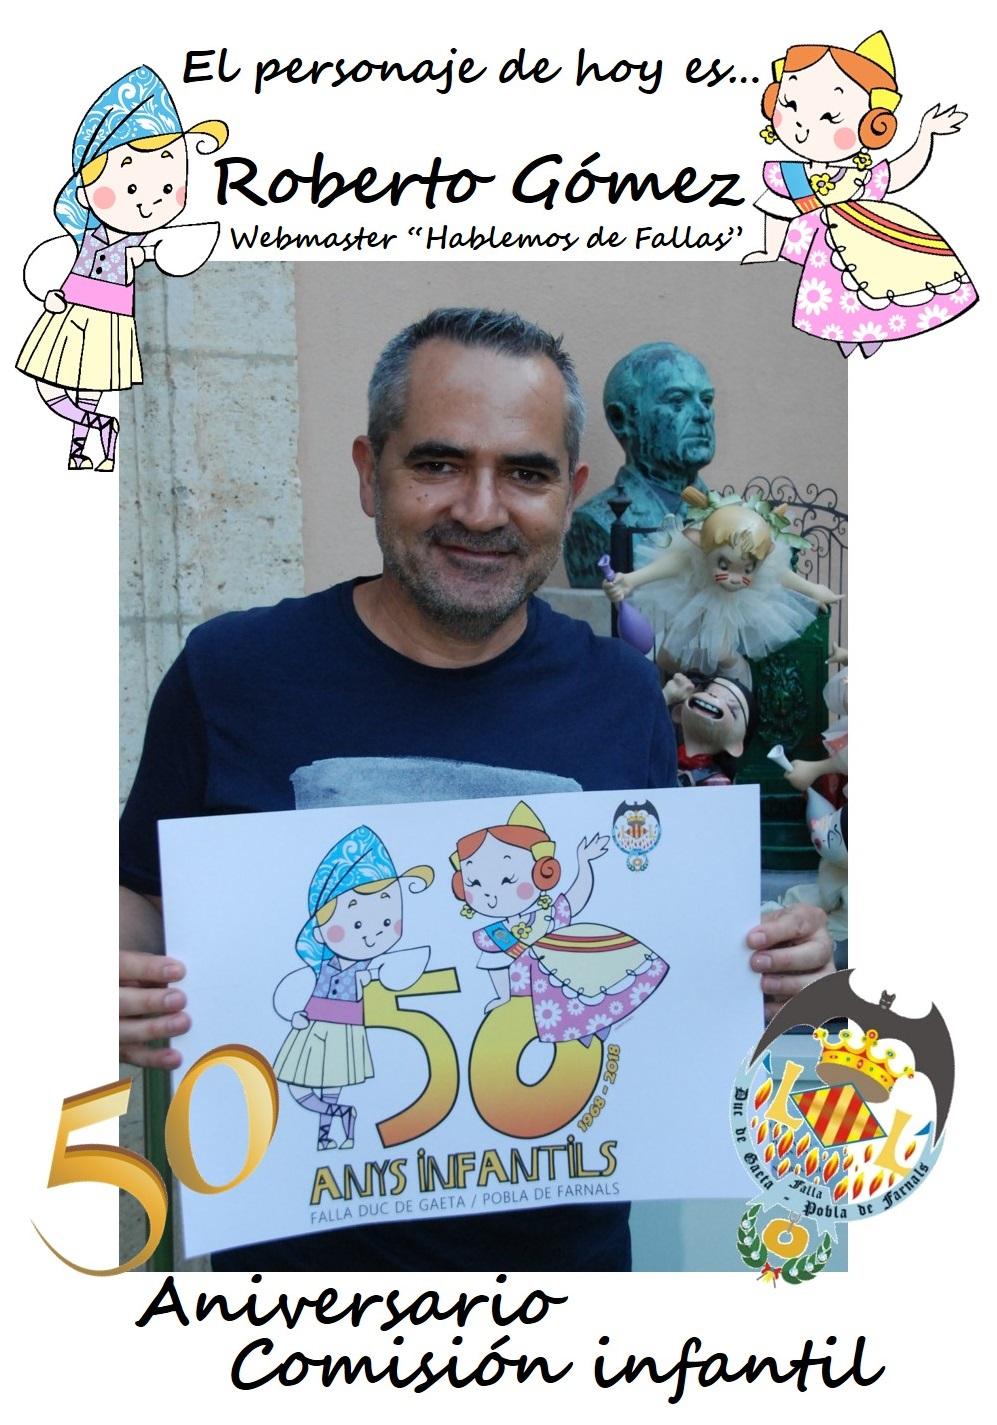 Personaje del día: Roberto Gómez @Bertobaldaquino @Hablardefallas @hdehogueras